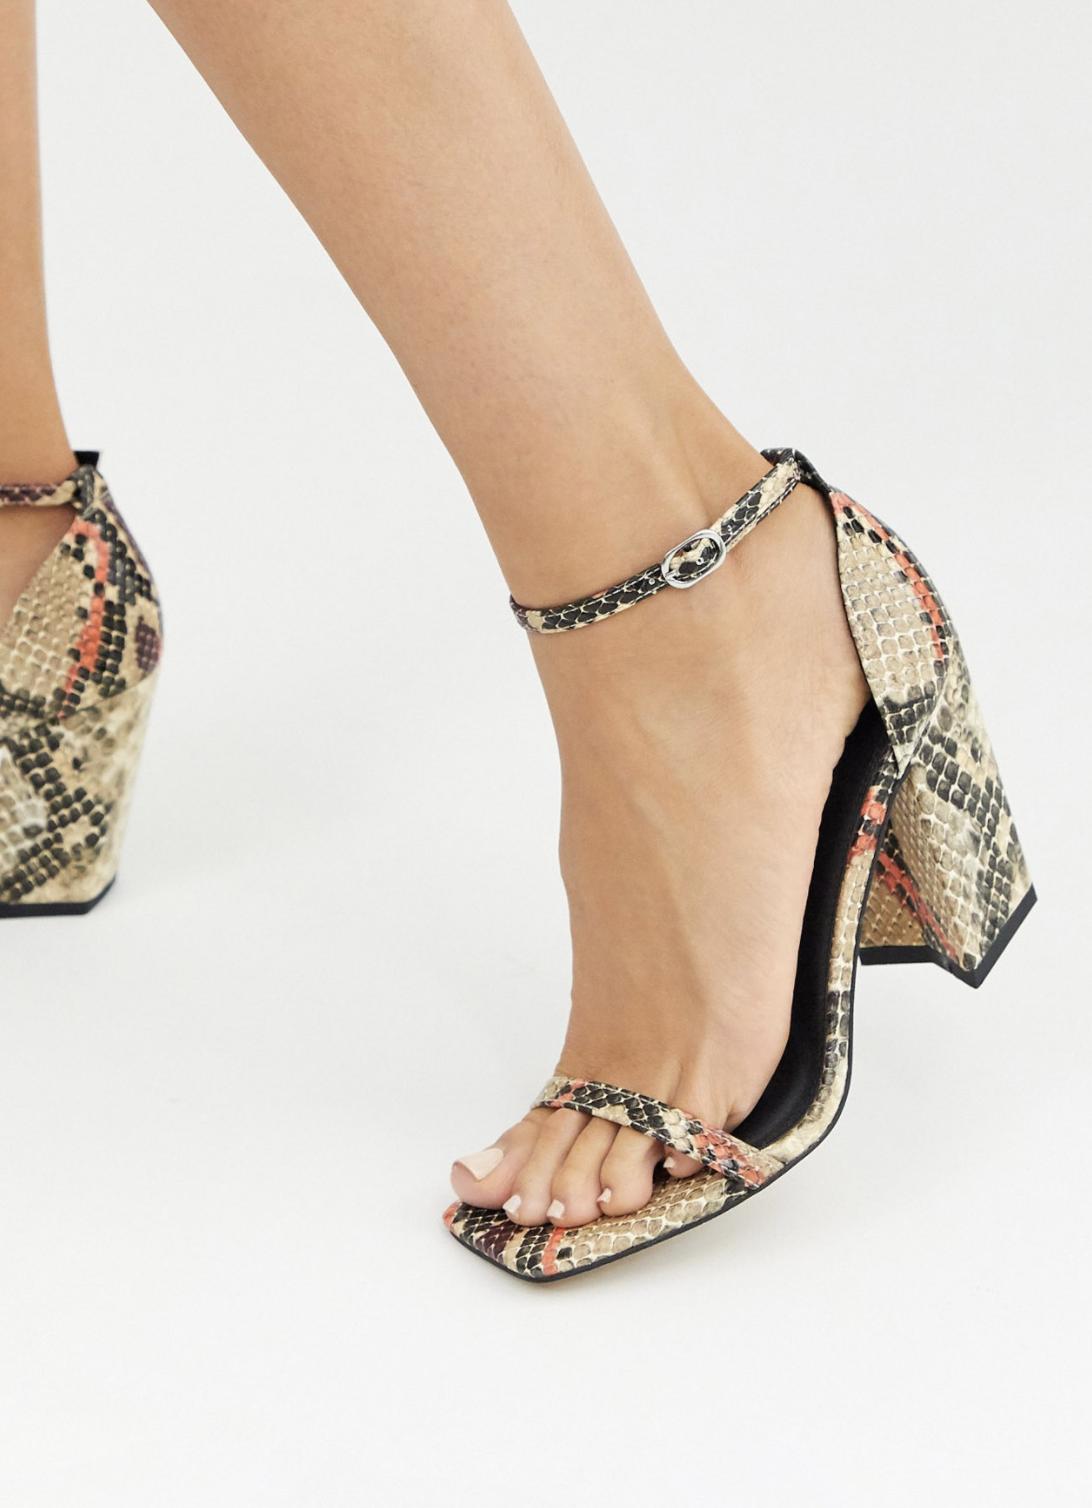 Sandalias de tacón cuadrado con diseño minimalista de efecto piel de serpiente Highgate de ASOS DESIGN